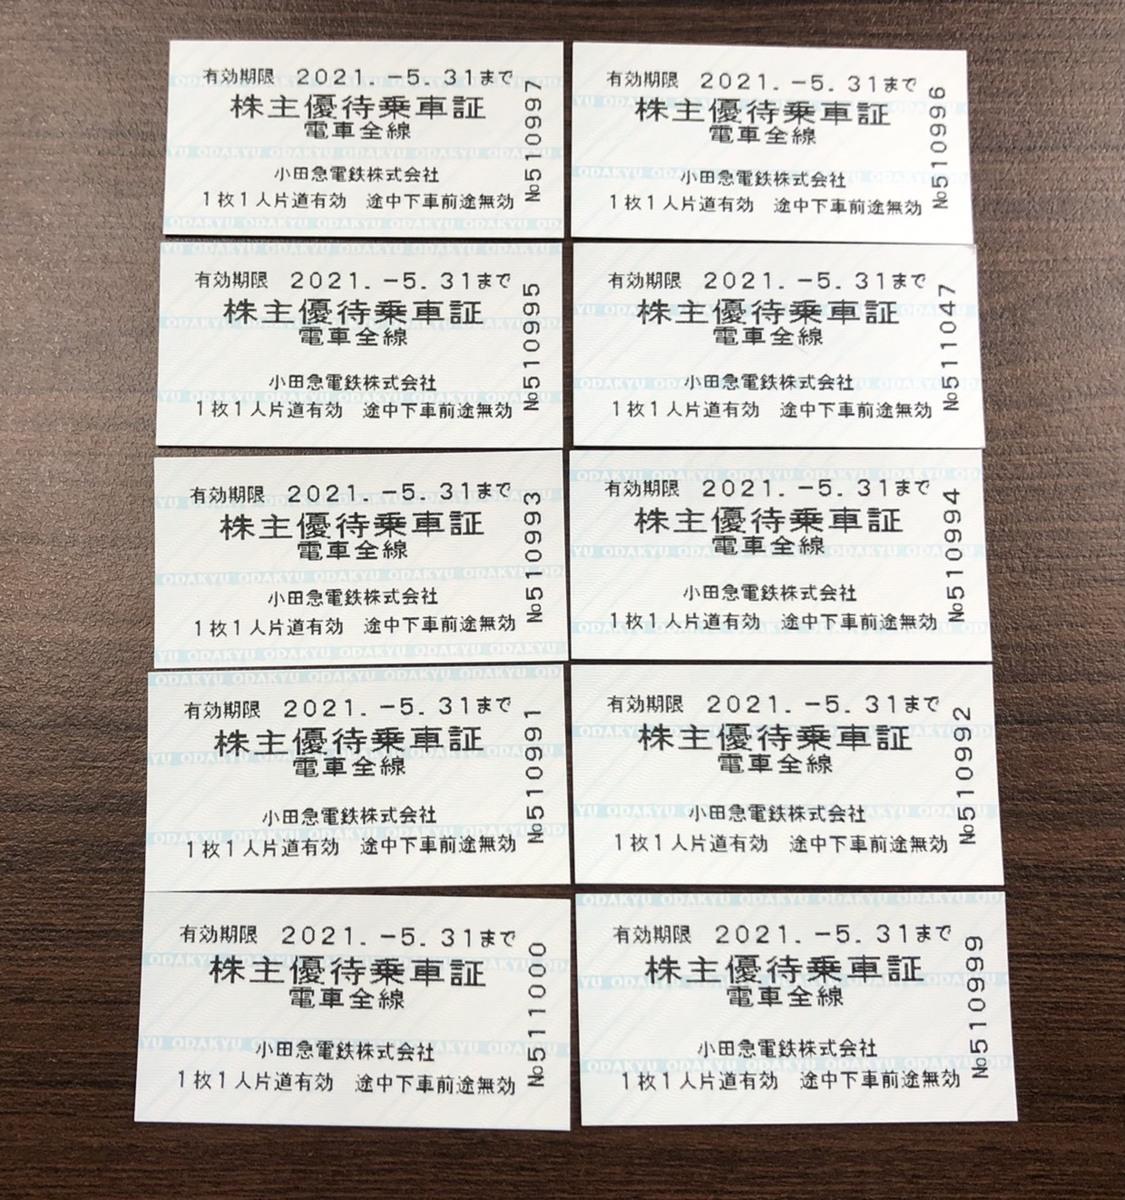 【定型送料無料】小田急電鉄 株主優待乗車証 10枚セット 2021年5月31日_画像1